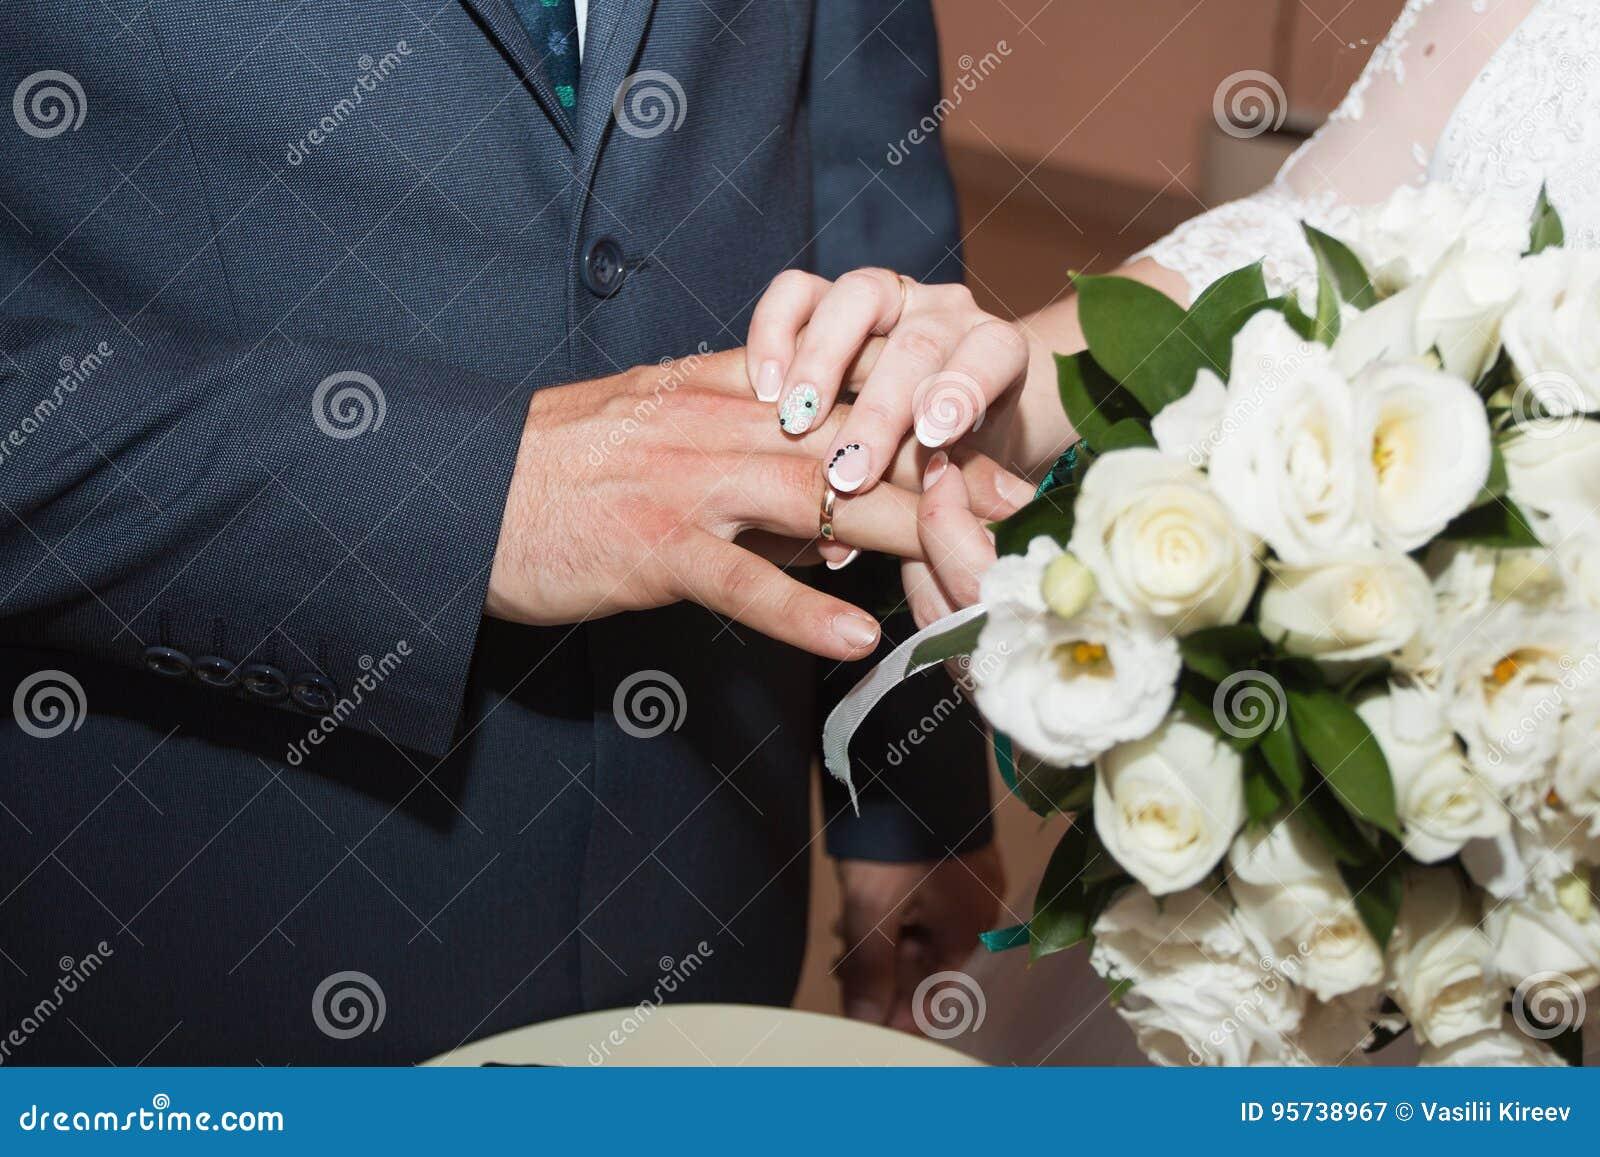 Anillos de bodas y manos de la novia y del novio pares jovenes de la boda en la ceremonia matrimonio Hombre y mujer en amor Dos